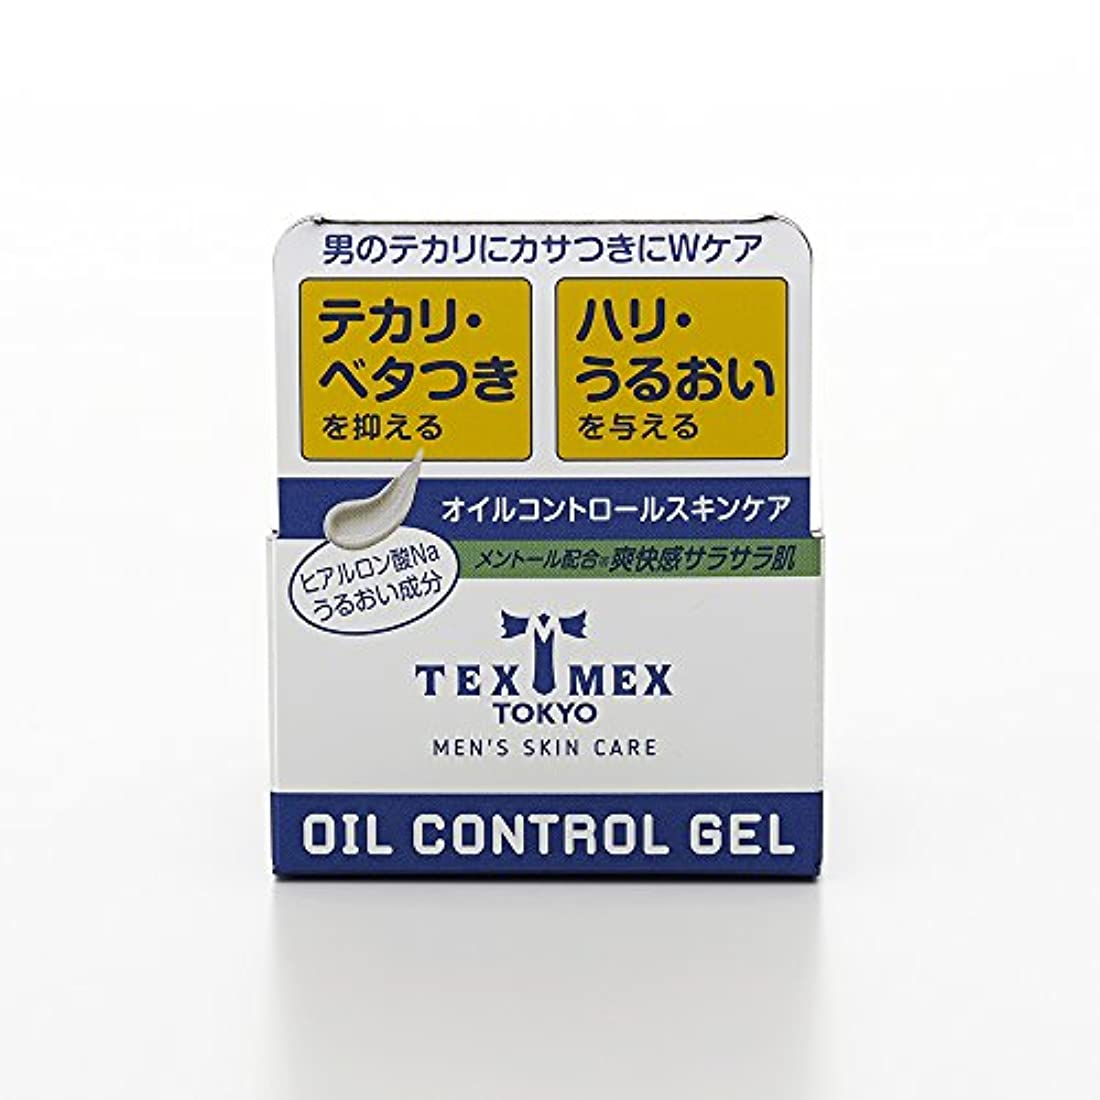 豊富な応用冒険テックスメックス オイルコントロールジェル 24g (テカリ防止ジェル) 【塗るだけでサラサラ肌に】